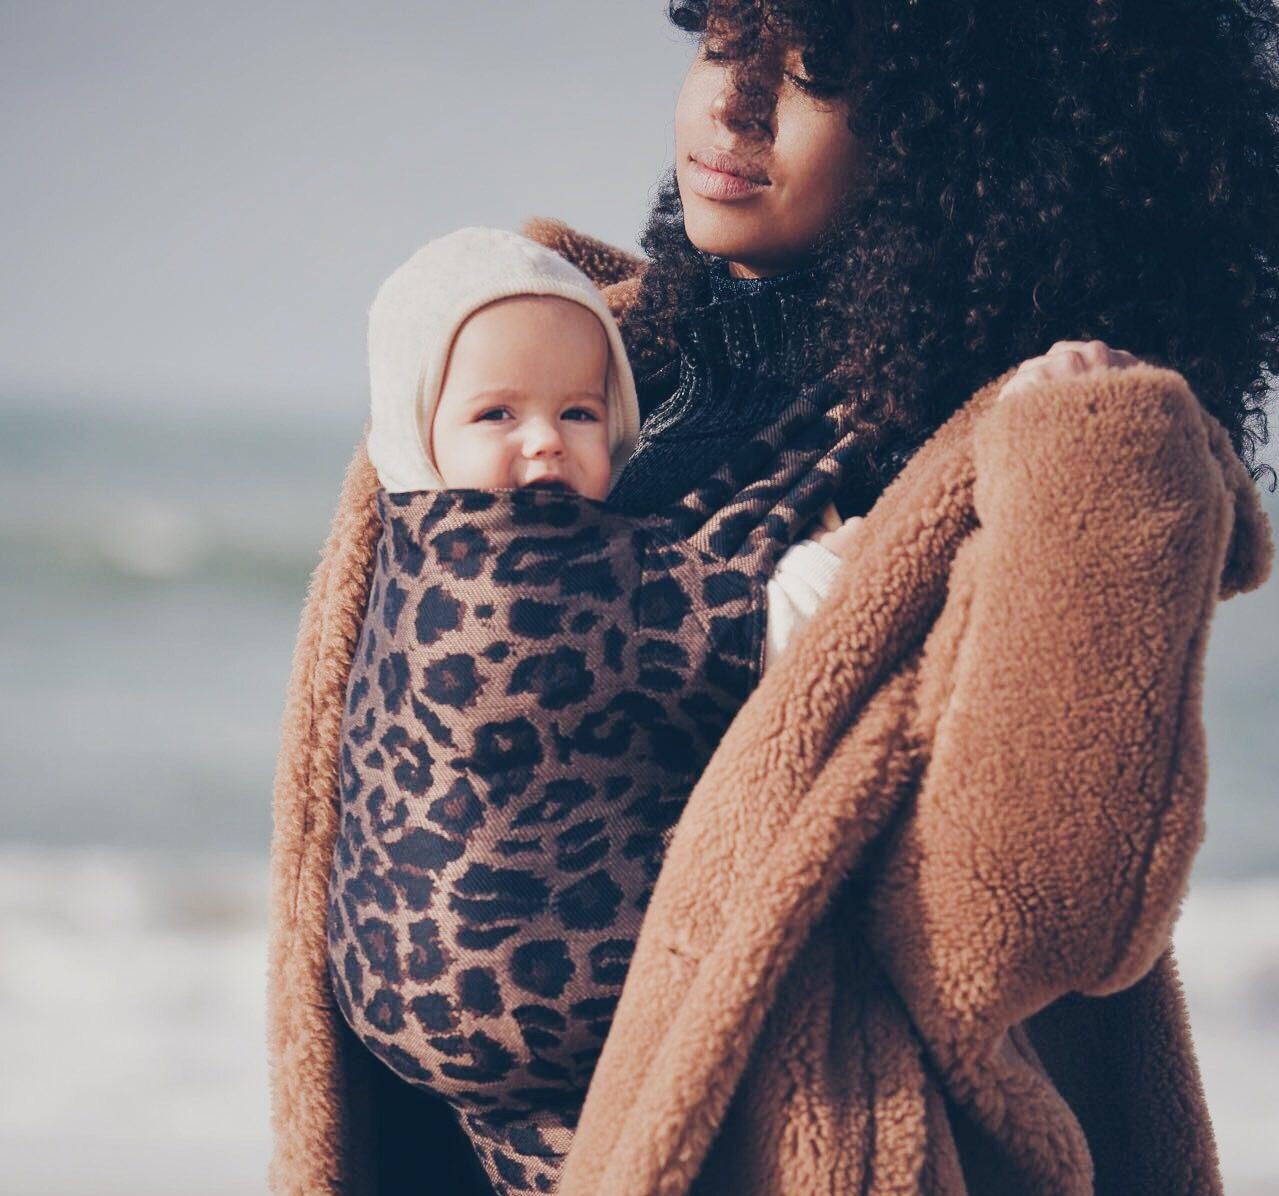 Draagzak of draagdoek voor je baby?